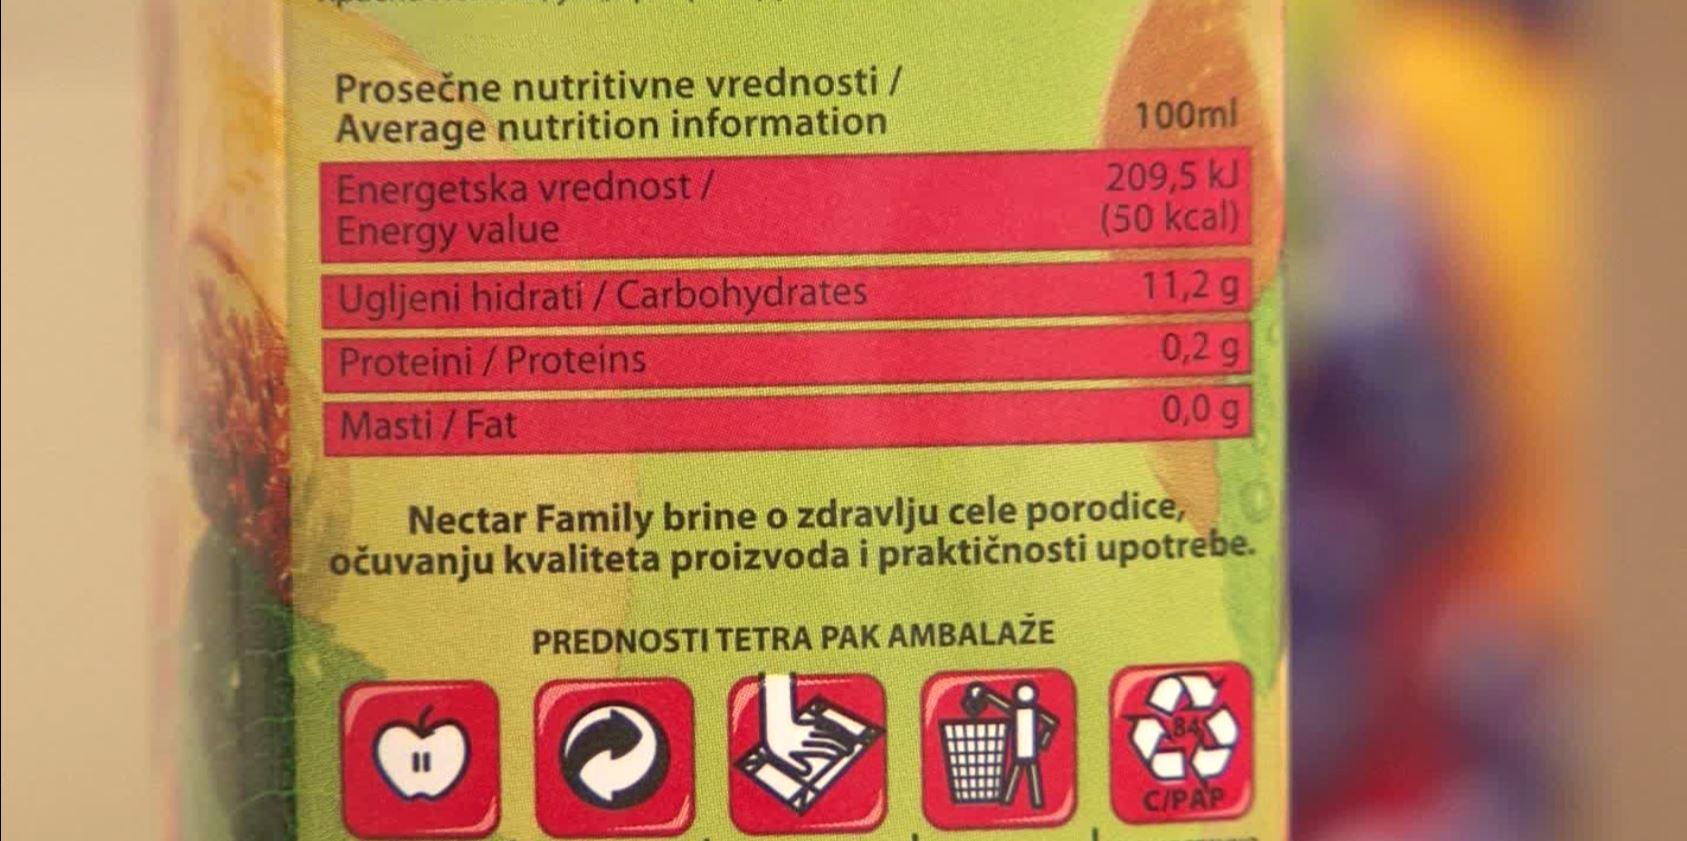 """U skladu s važećim Pravilnikom o deklarisanju hrane, kompanija """"Nectar"""" je odlučila da informaciju o sadržaju šećera izostavi."""